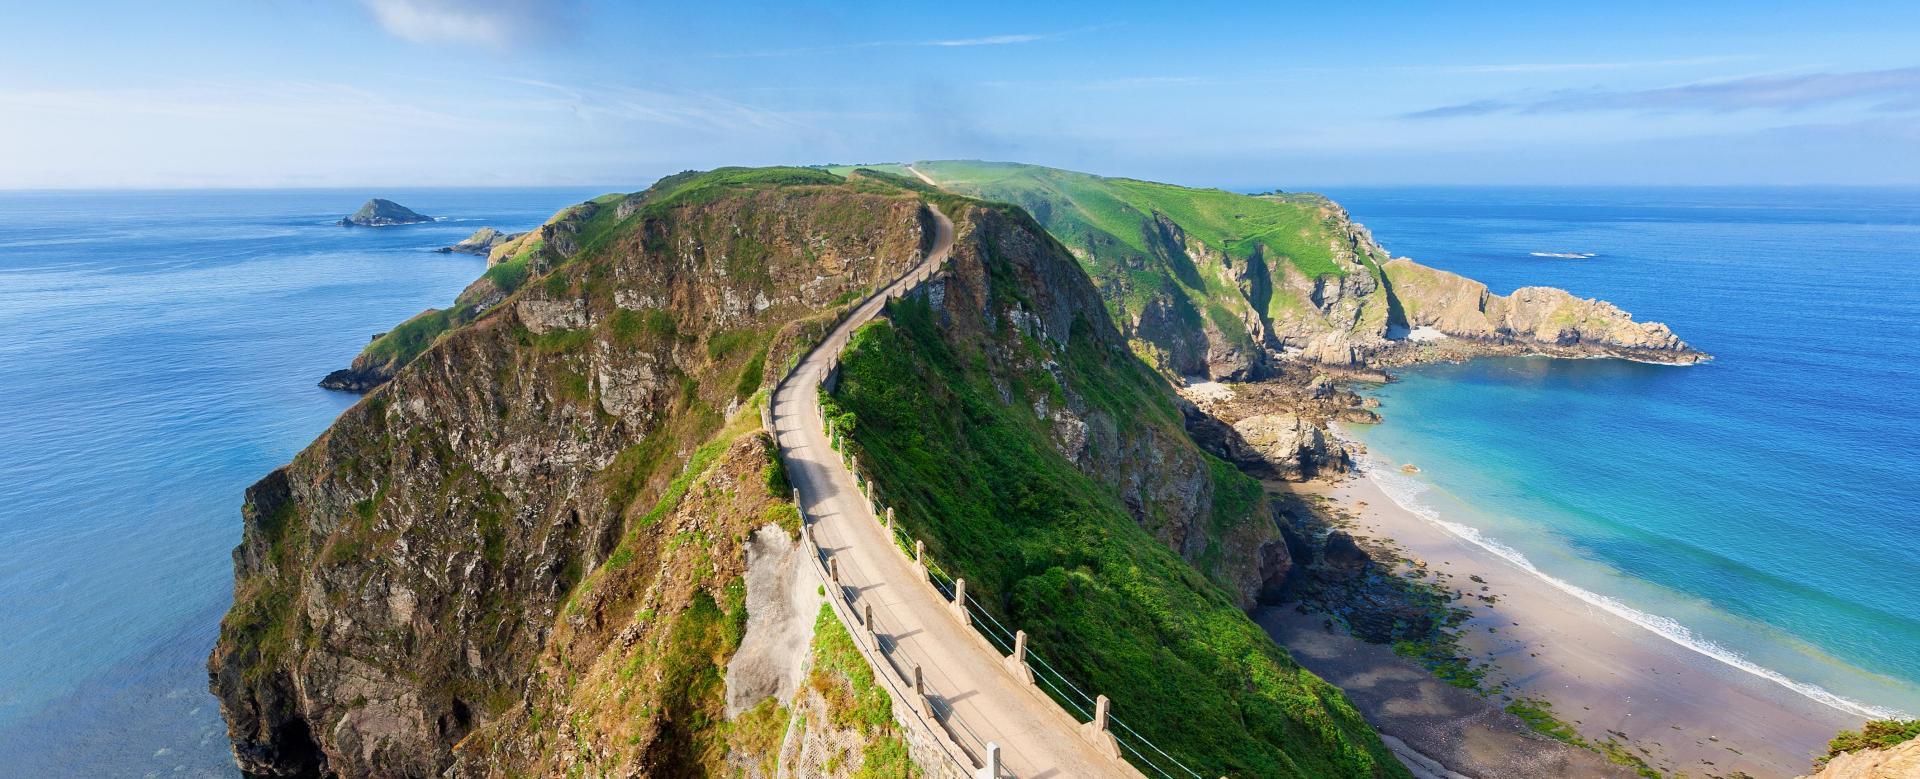 Voyage en véhicule : Les îles anglo-normandes à vélo